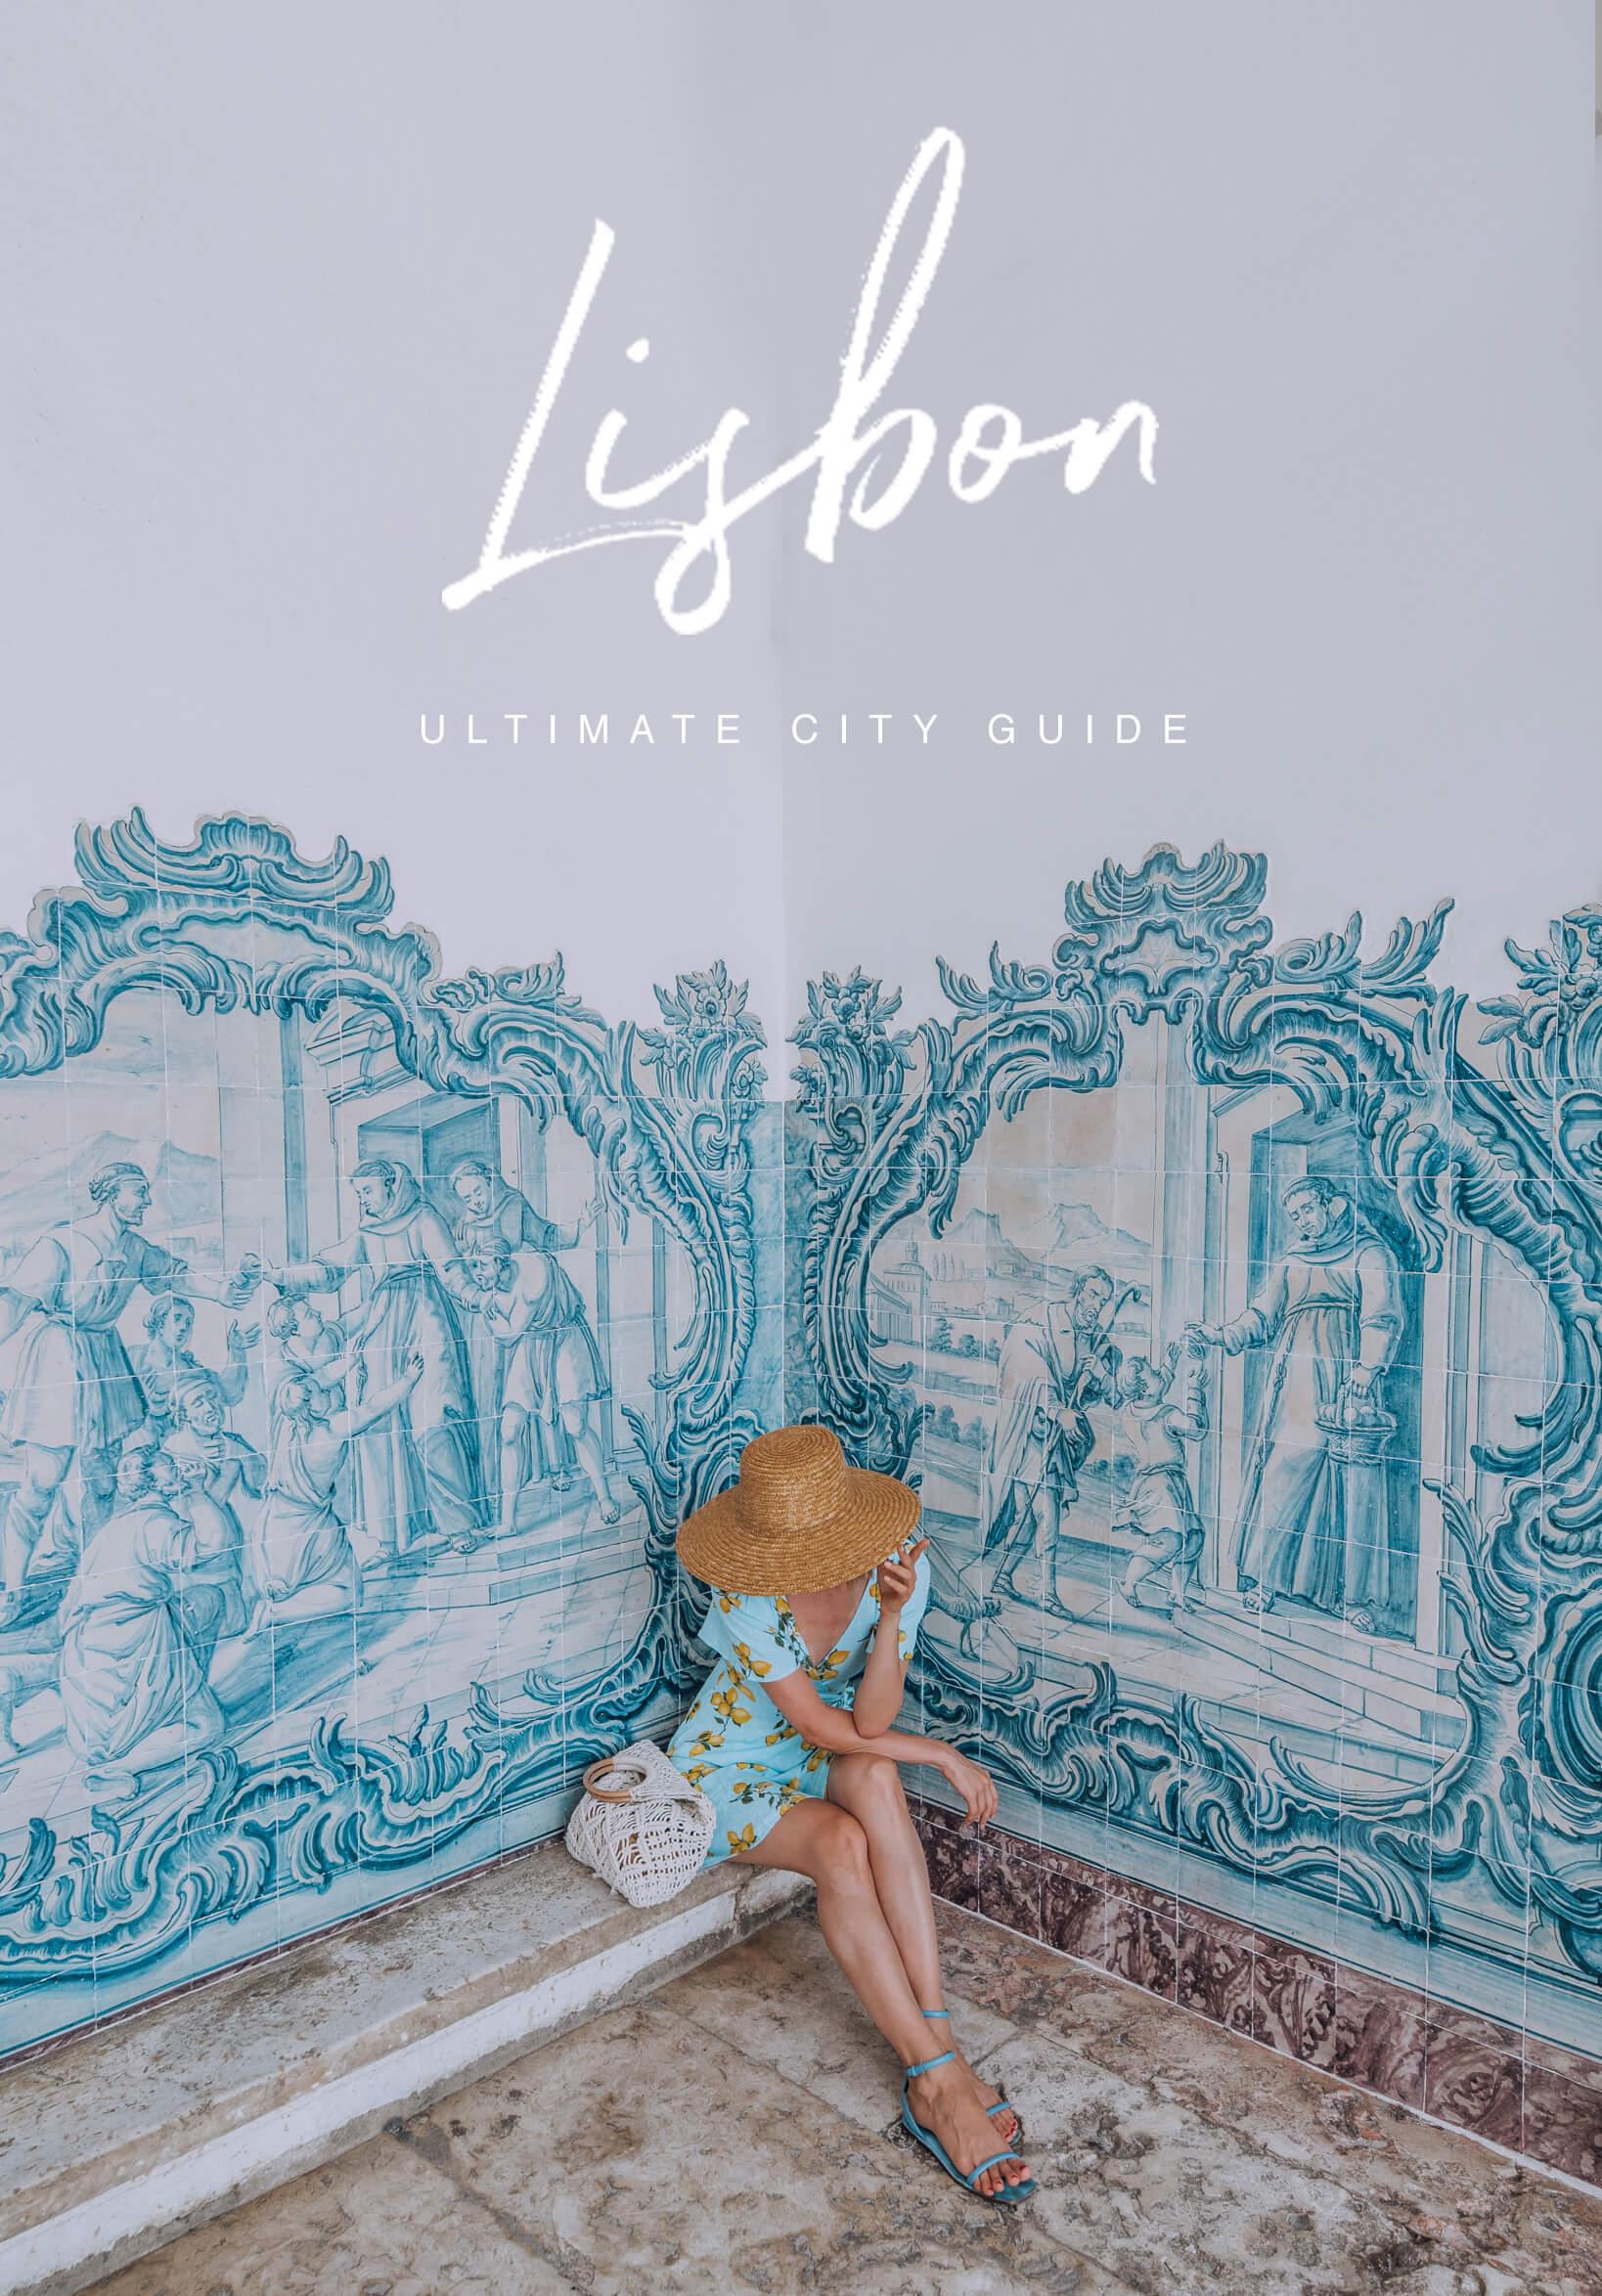 LisbonCityGuide-02.jpg